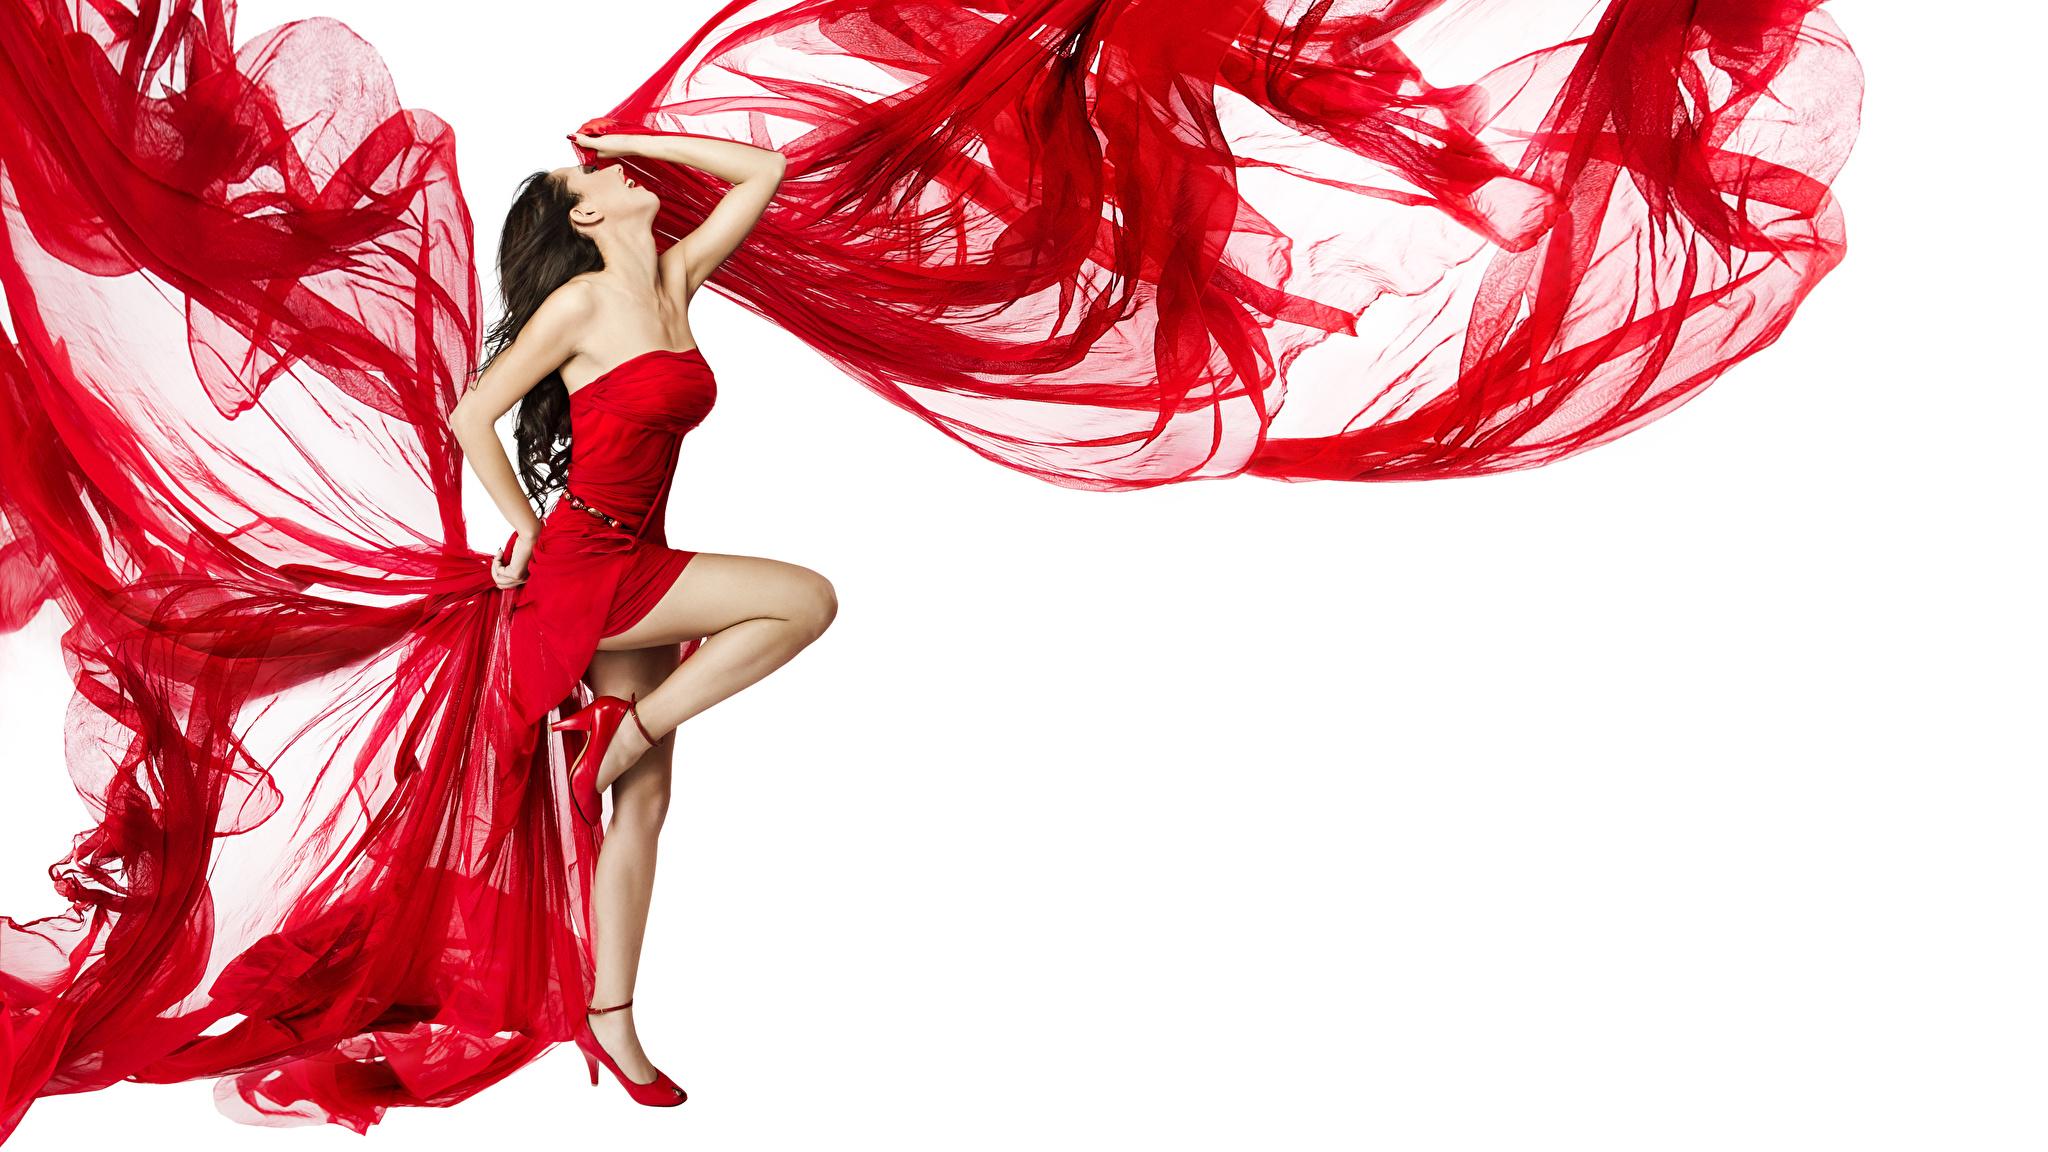 Hintergrundbilder Braune Haare Tanzen Mädchens Bein Weißer hintergrund Kleid 2048x1152 Braunhaarige Tanz